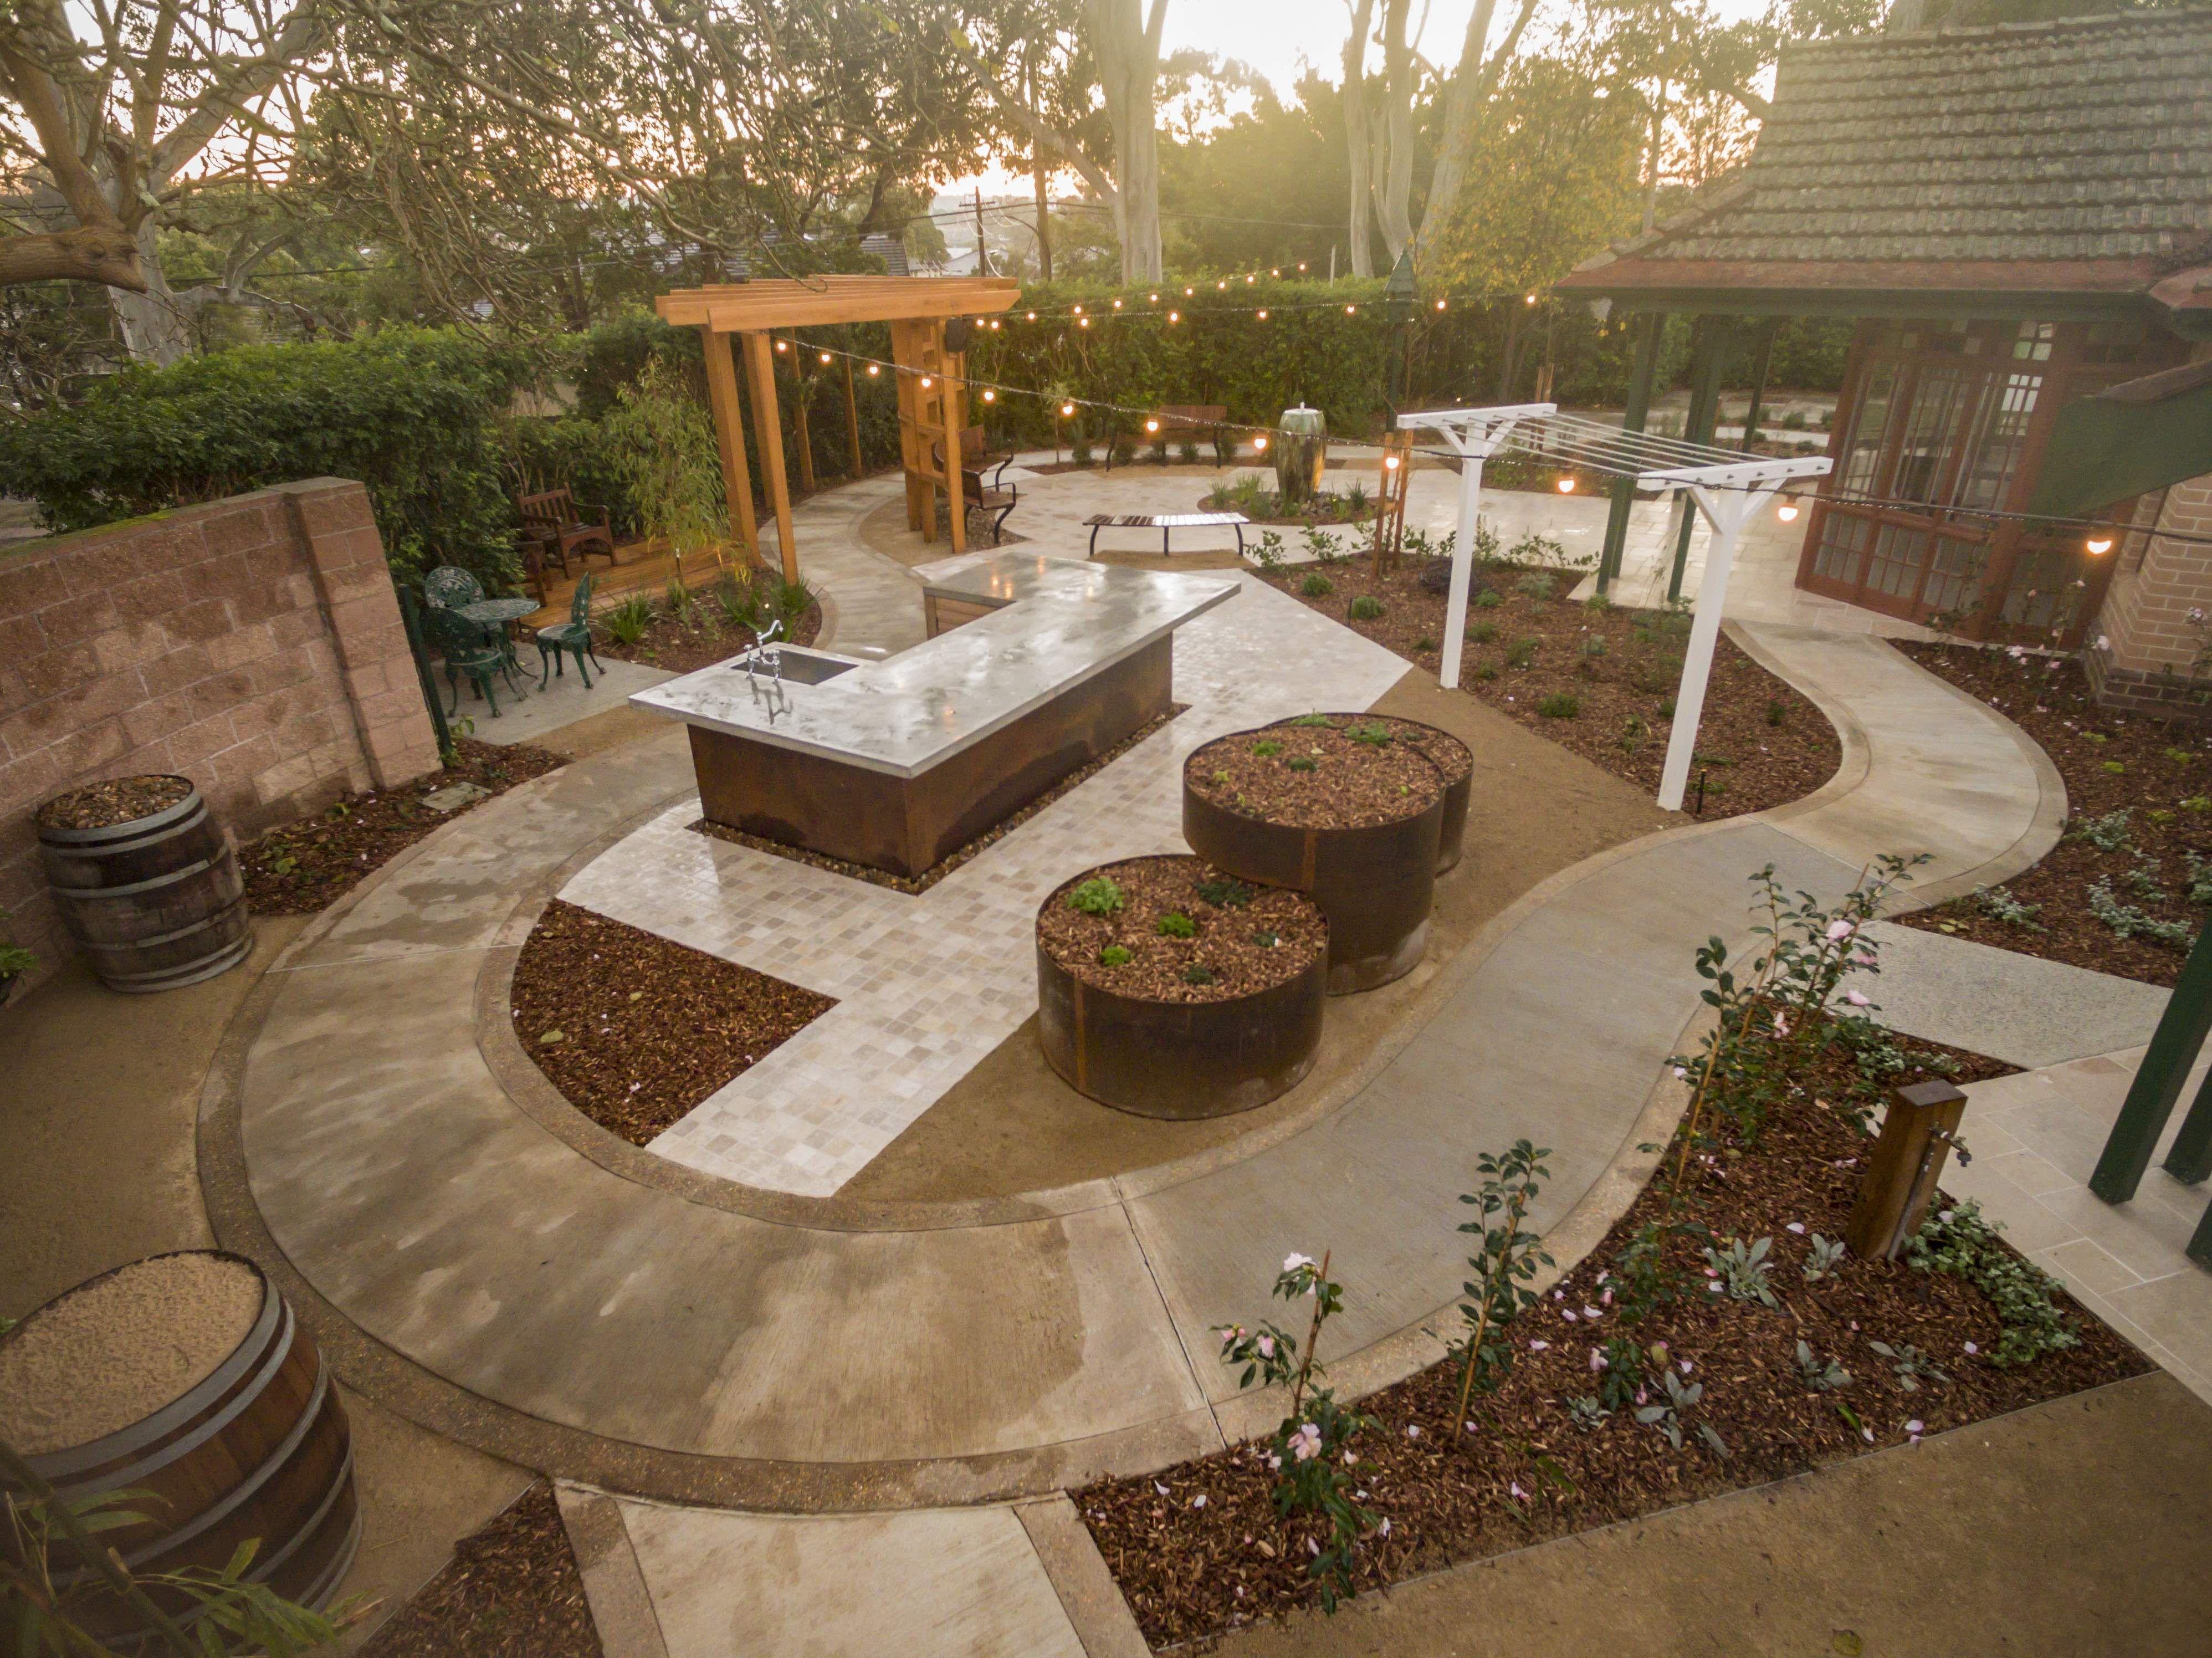 0907dbe7a979ae0ddd8b488f6566fa12 - Spring Gardens Assisted Living St George